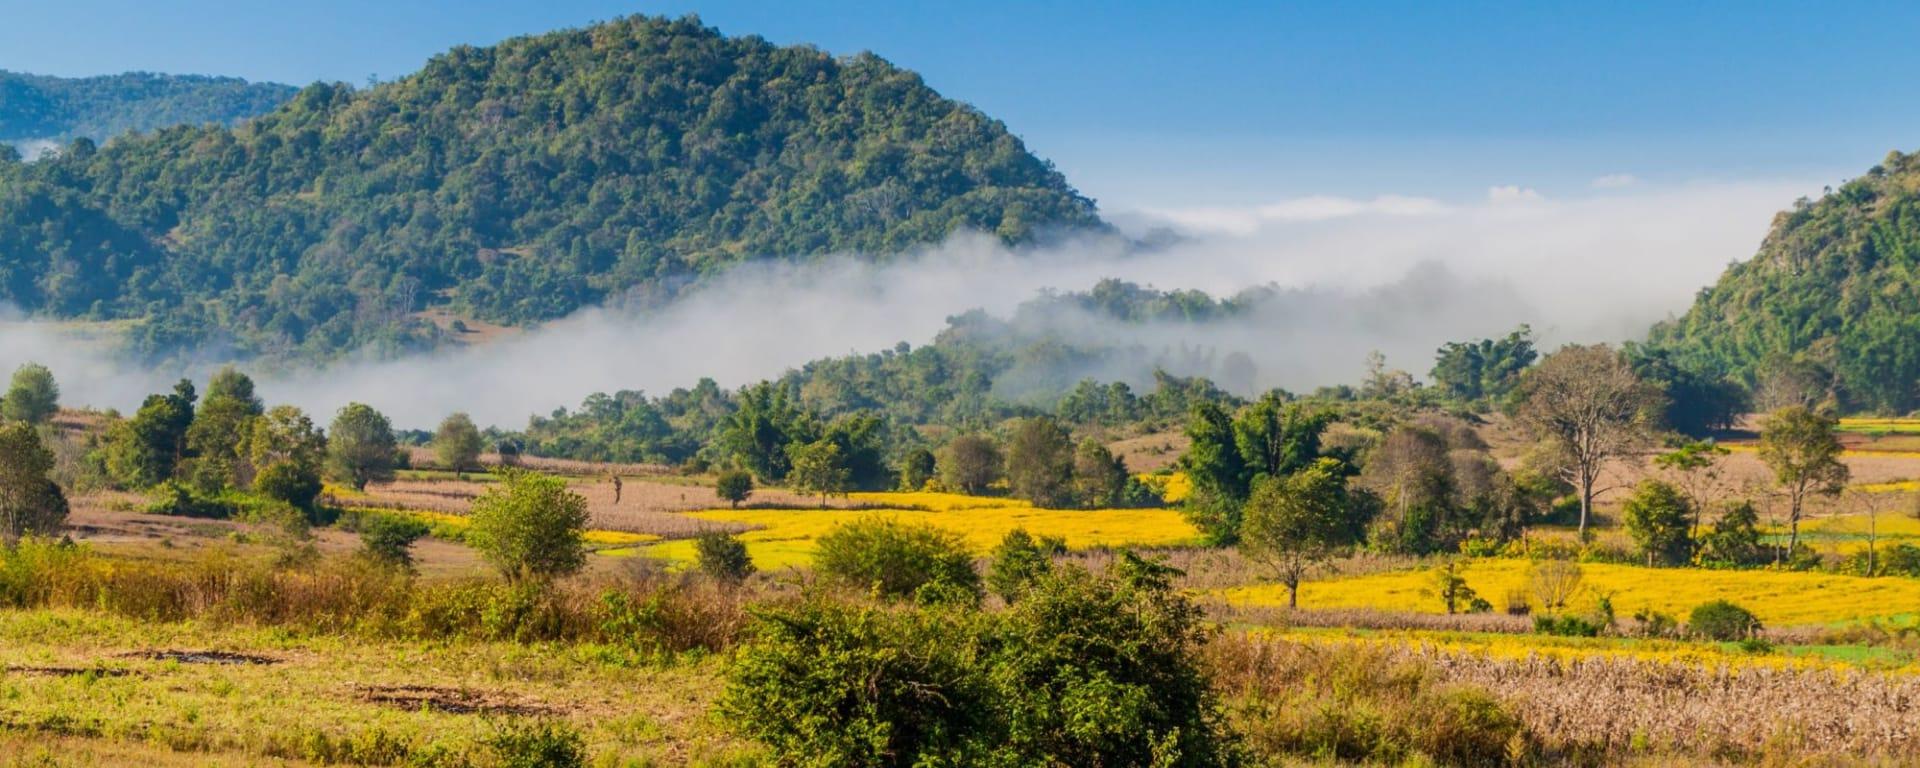 Randonnées dans le pittoresque Etat Shan (3 jours) de Lac Inle: Kalaw Rural landscape